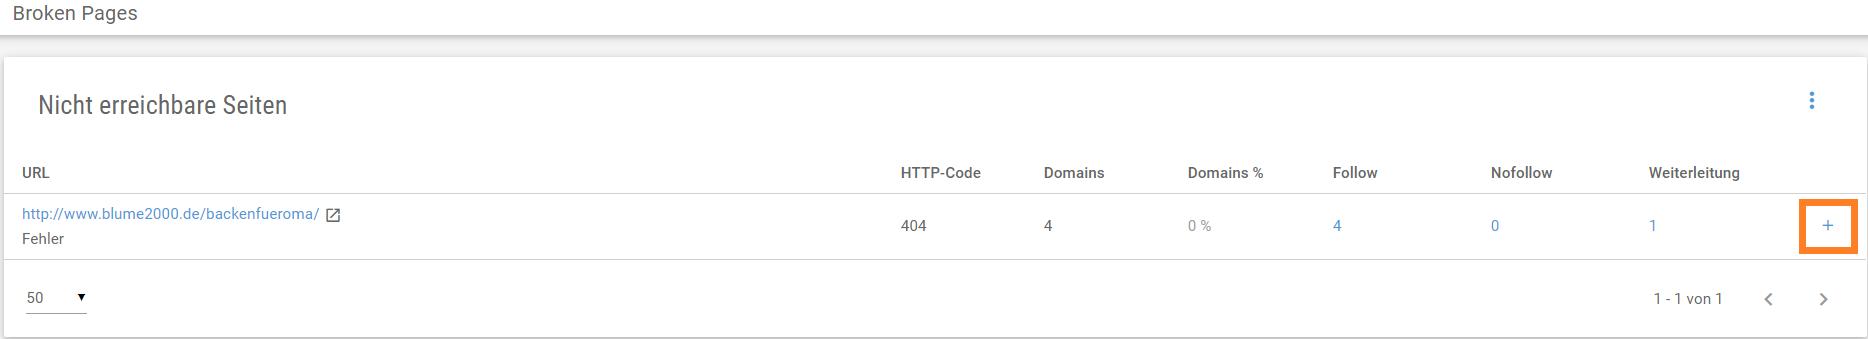 Screenshot der Nicht erreichbaren Seiten in der XOVI Suite